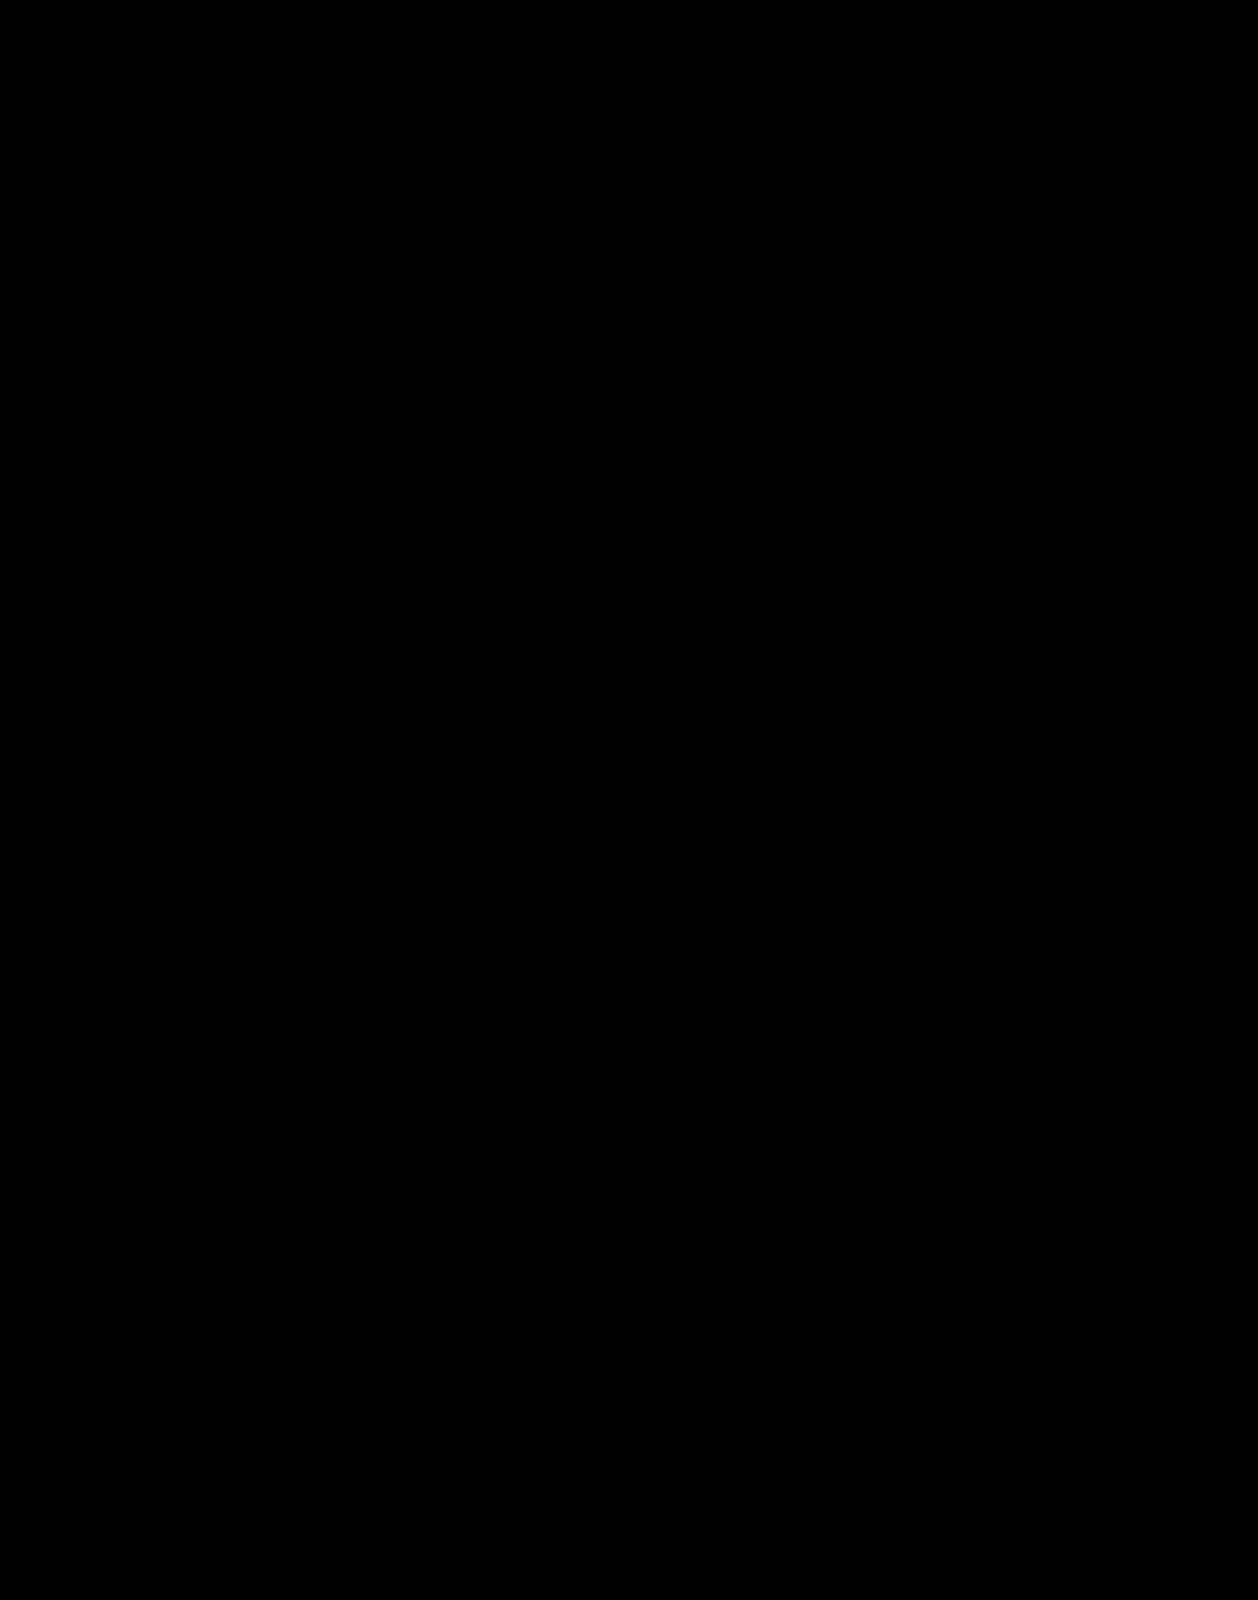 EBC SFA355/4 ORGANÝK SCOOTER BALATASI